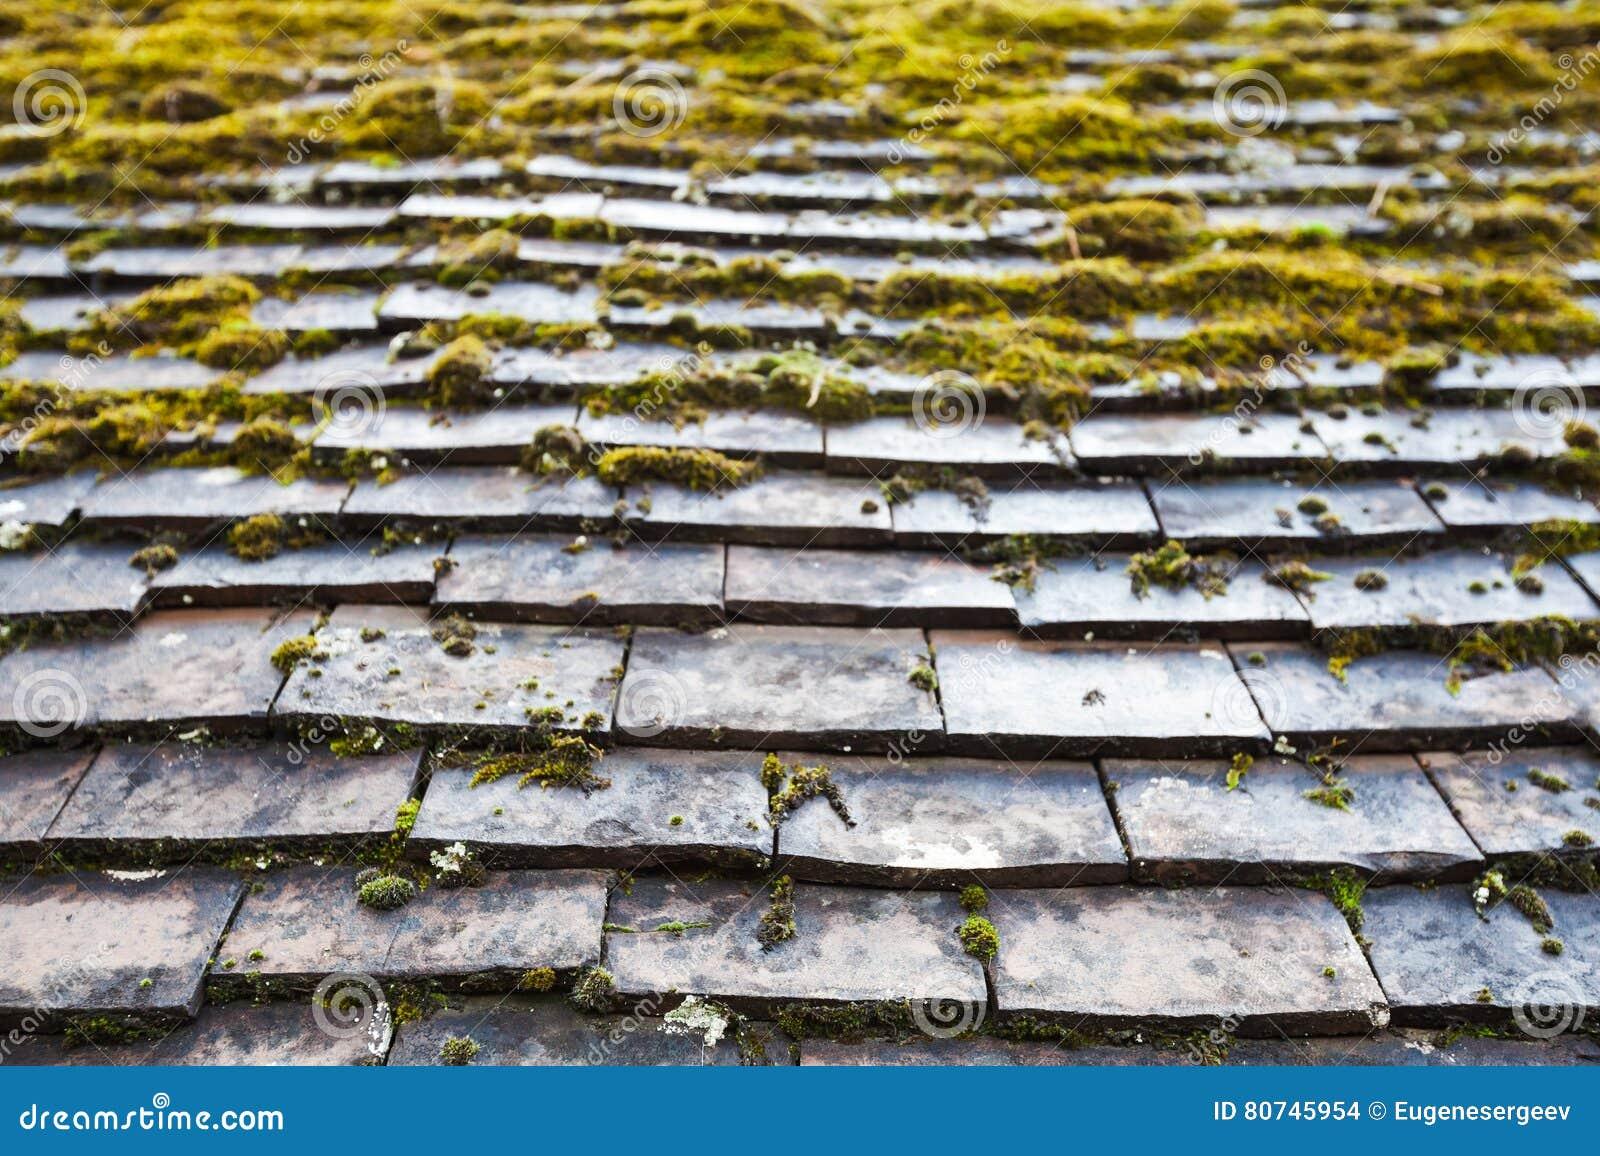 vieux carrelage en pierre de toit avec de la mousse verte photo stock image 80745954. Black Bedroom Furniture Sets. Home Design Ideas